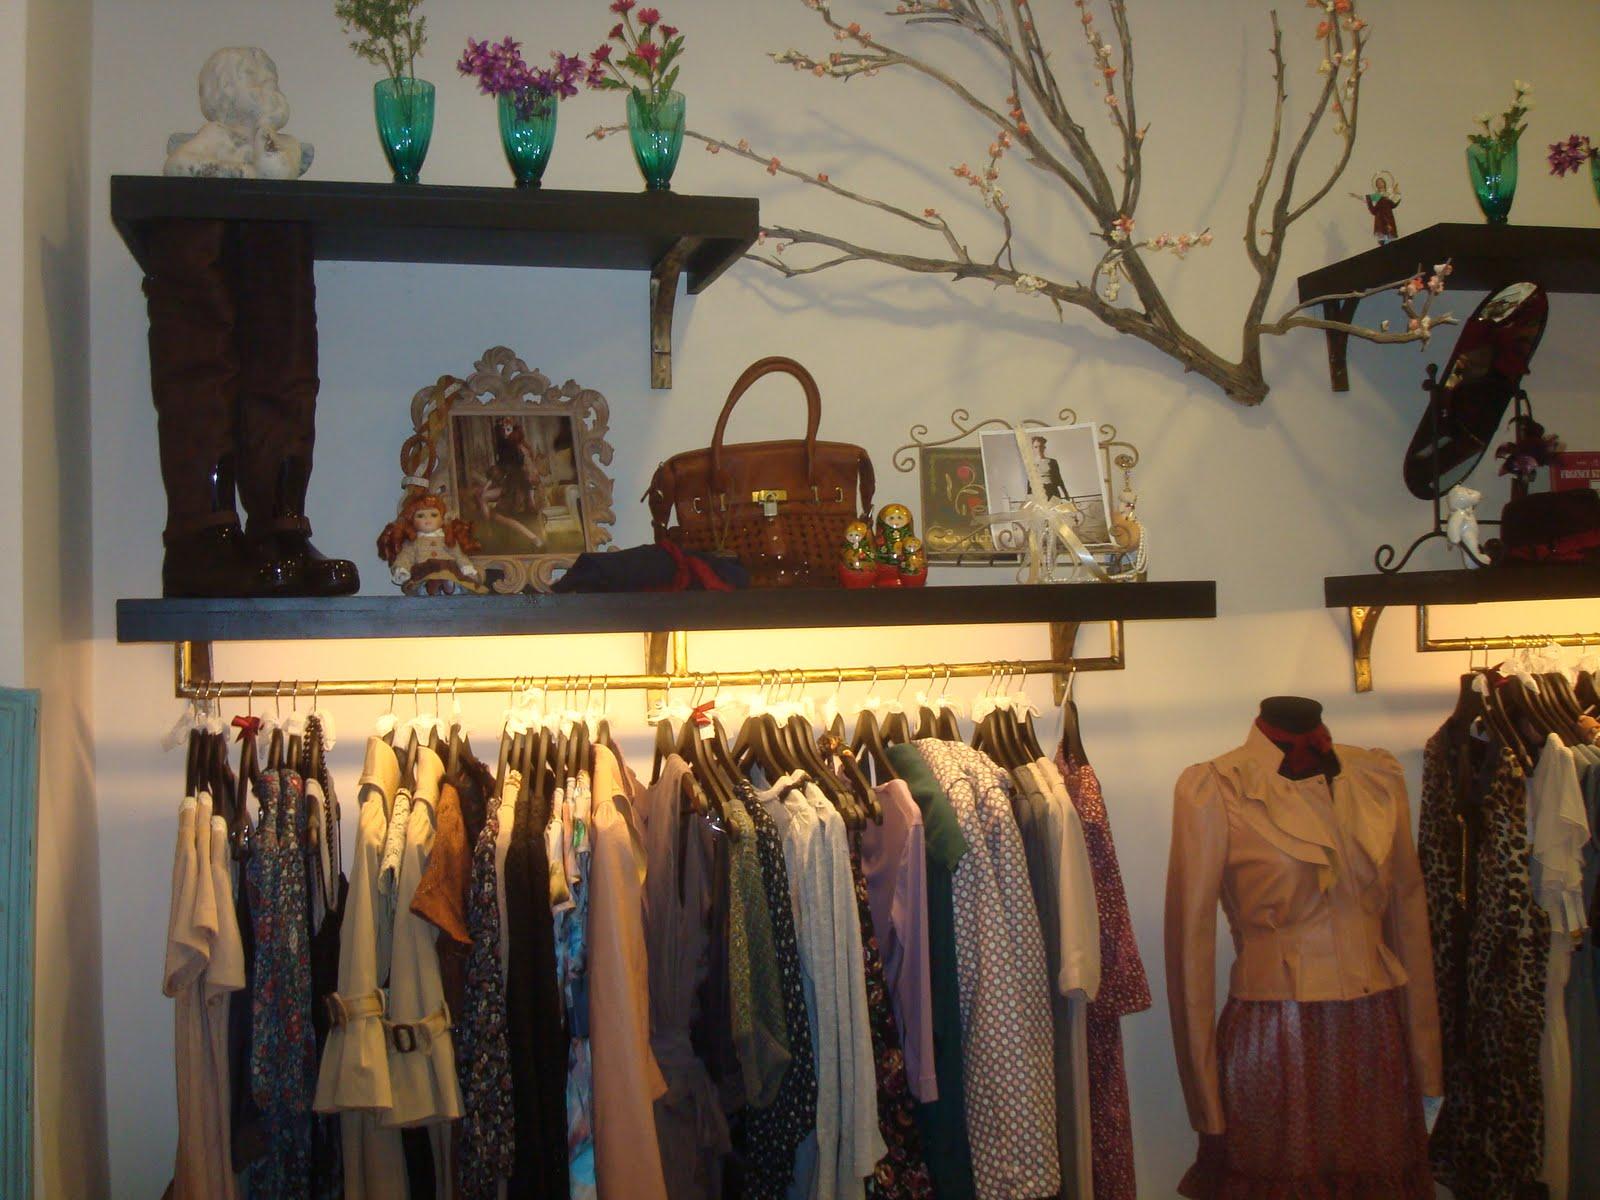 Tiendas de decoracion en alicante great tiendas de decoracion en alicante with tiendas de - Decoracion alicante ...